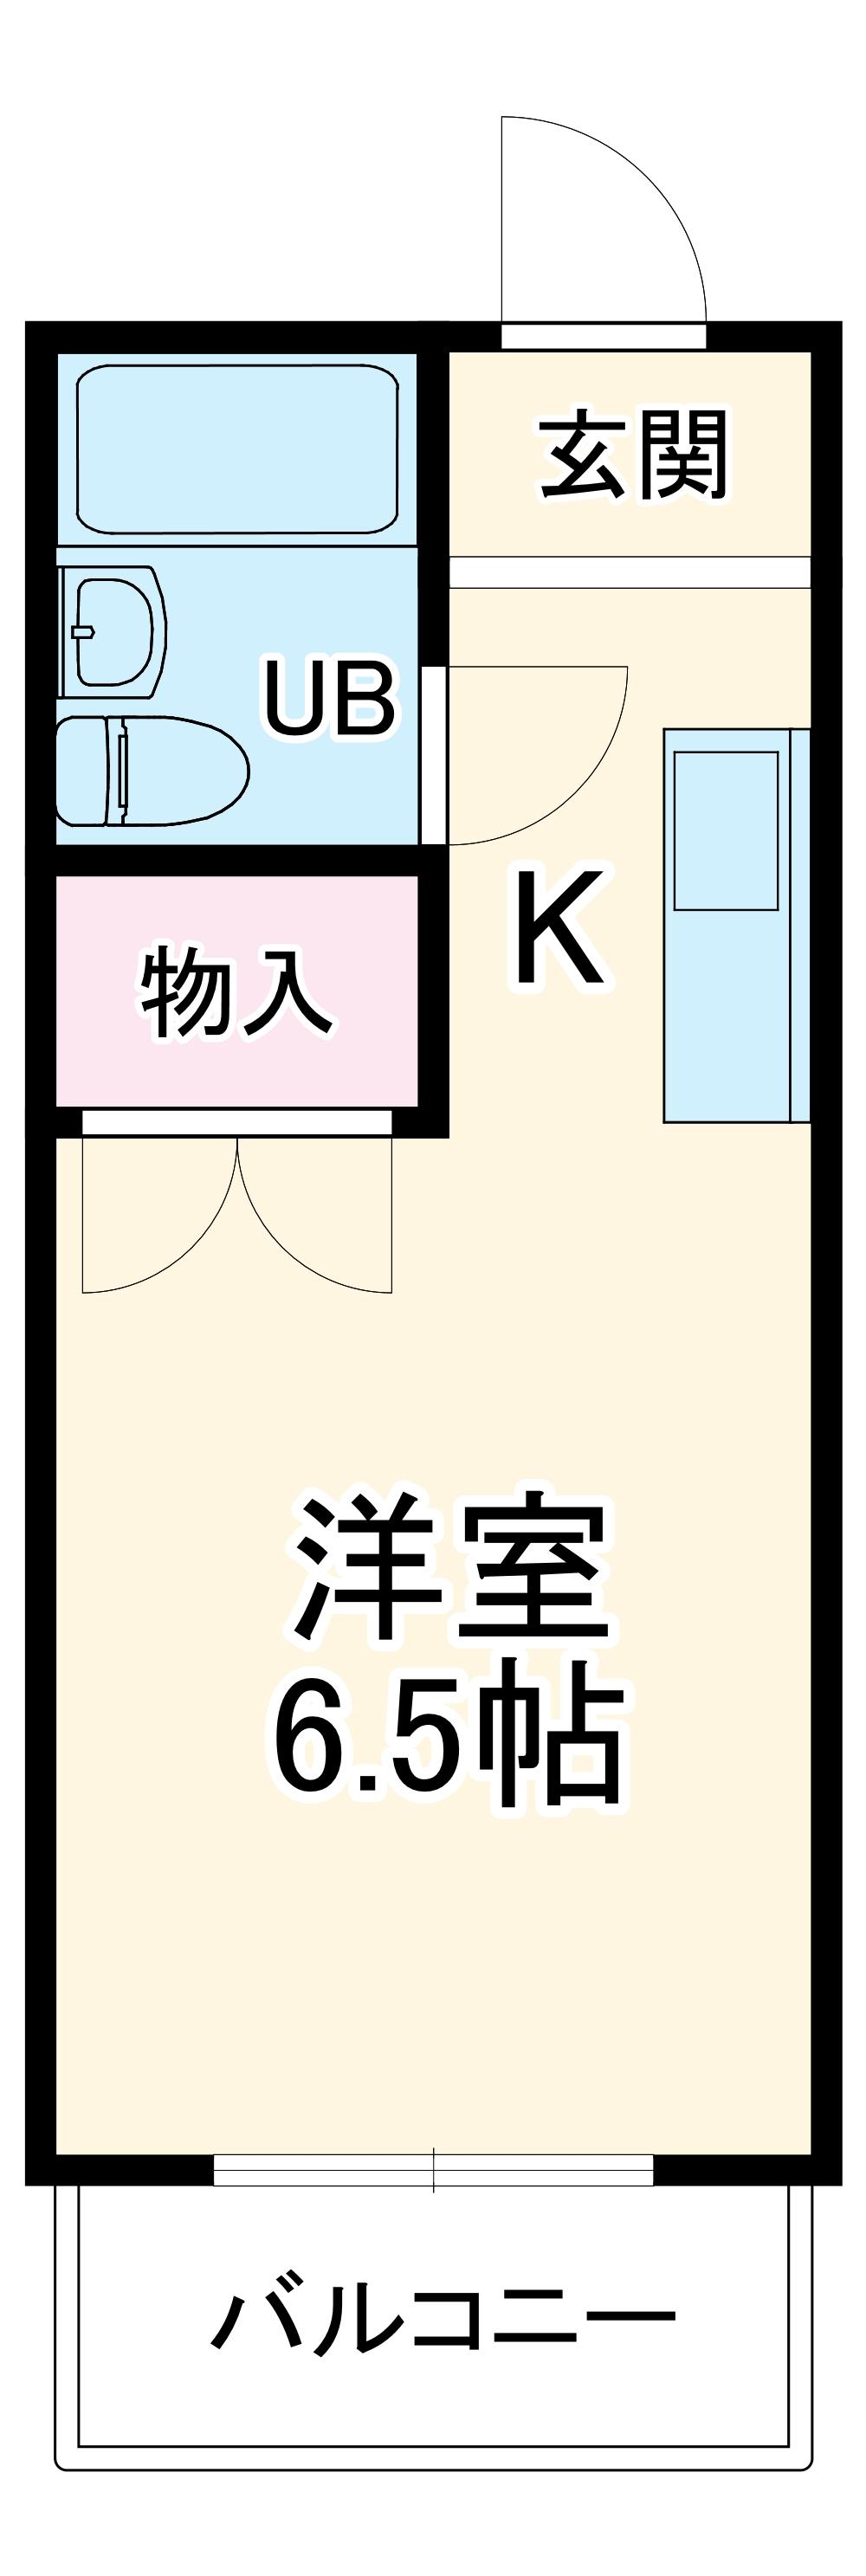 安城中央マンション鬼武第3ビル・502号室の間取り